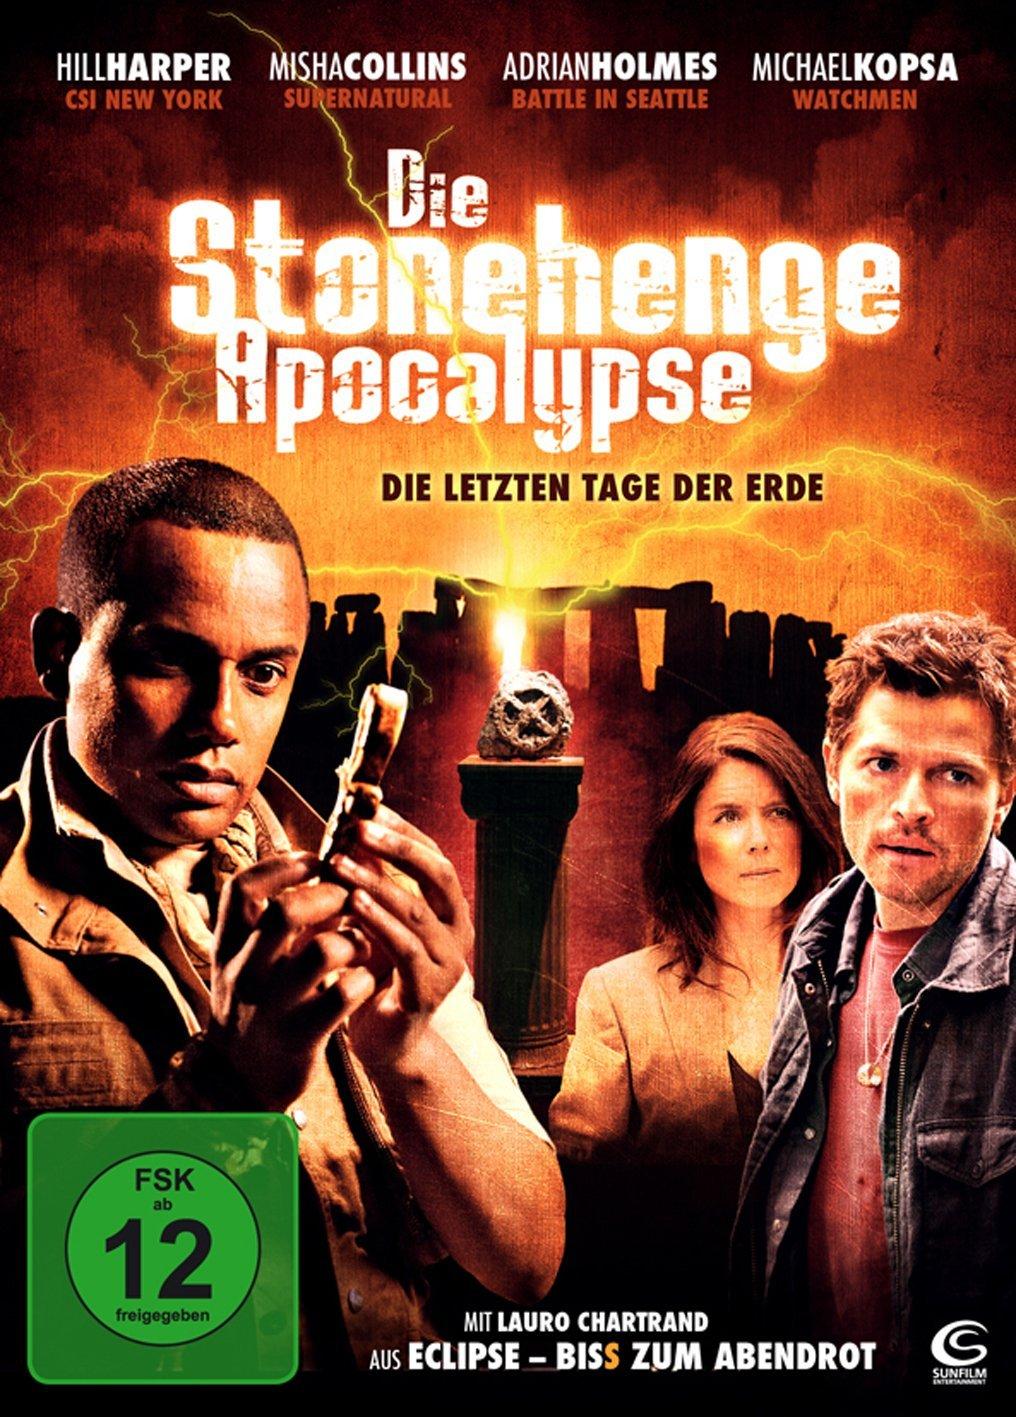 Die.Stonehenge.Apocalypse.2010.German.1080p.HDTV.x264-NORETAiL